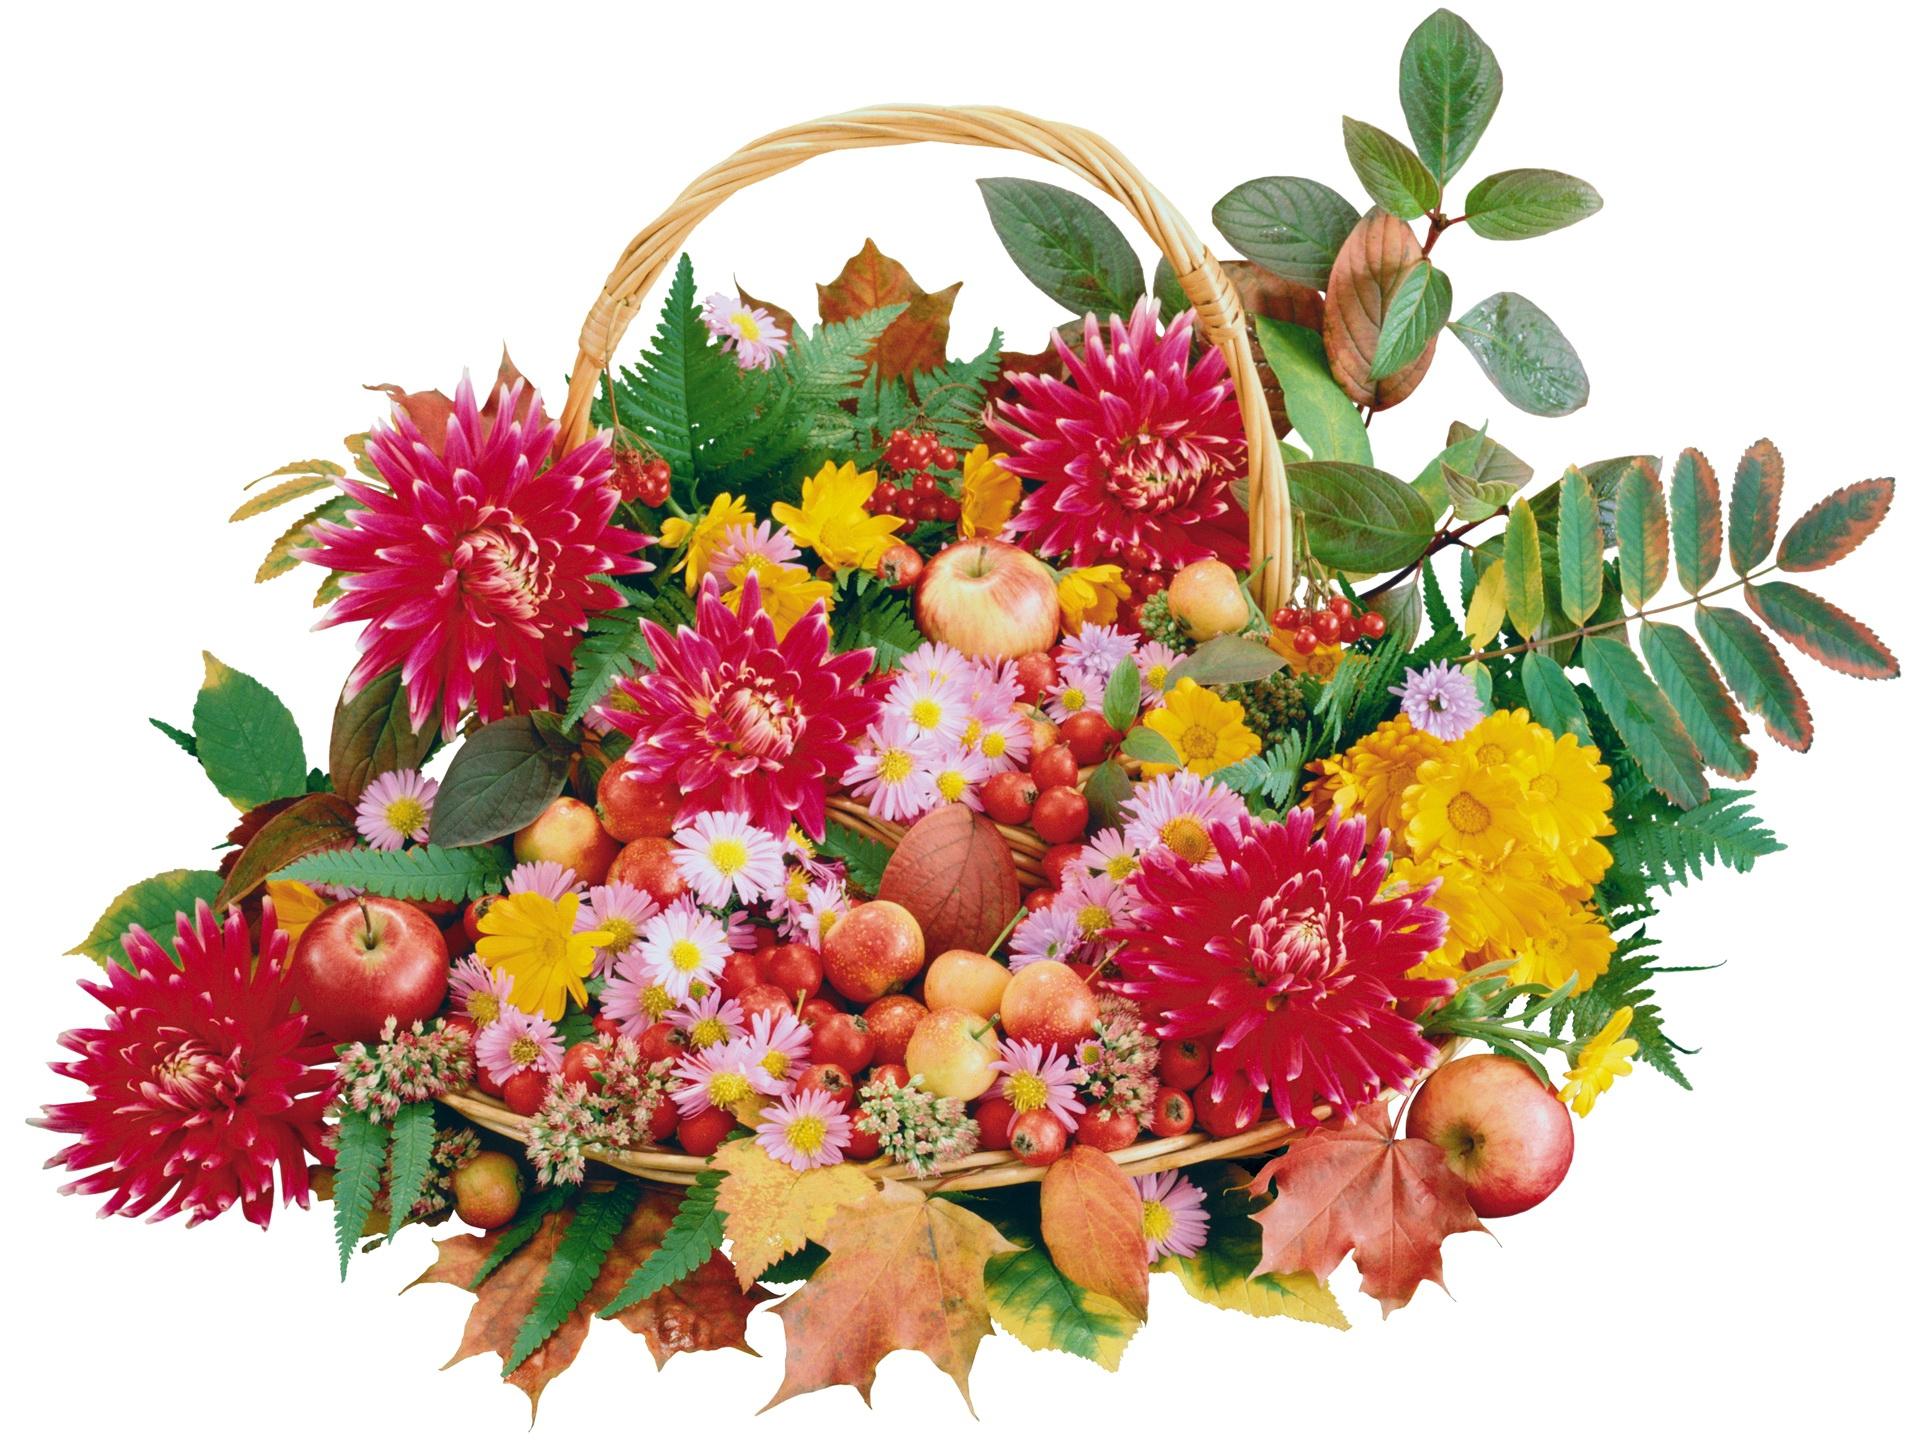 Flower Bouquet 4k